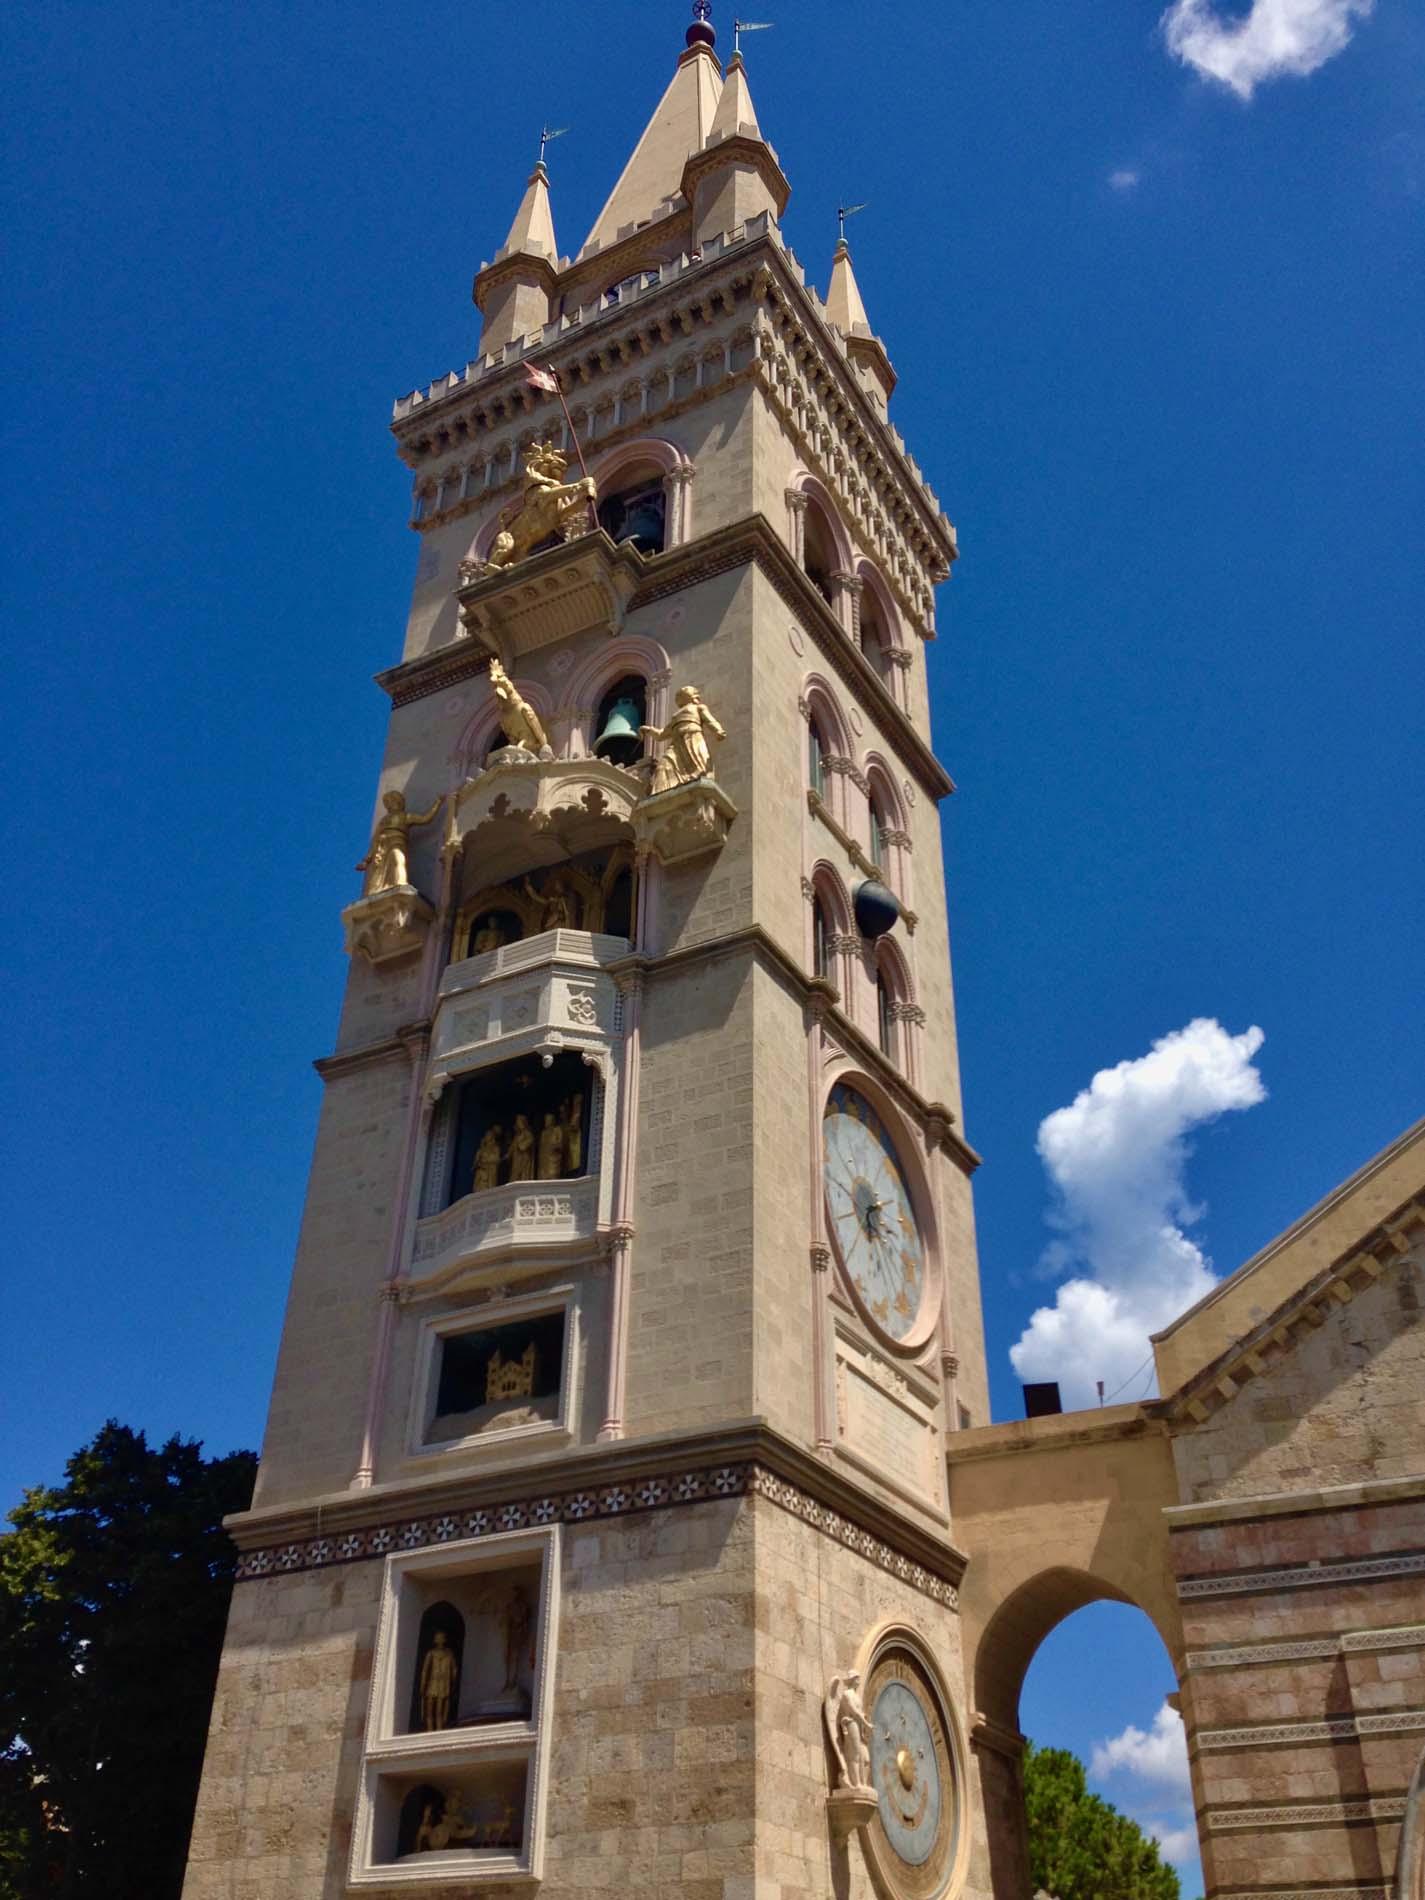 Messina campanile